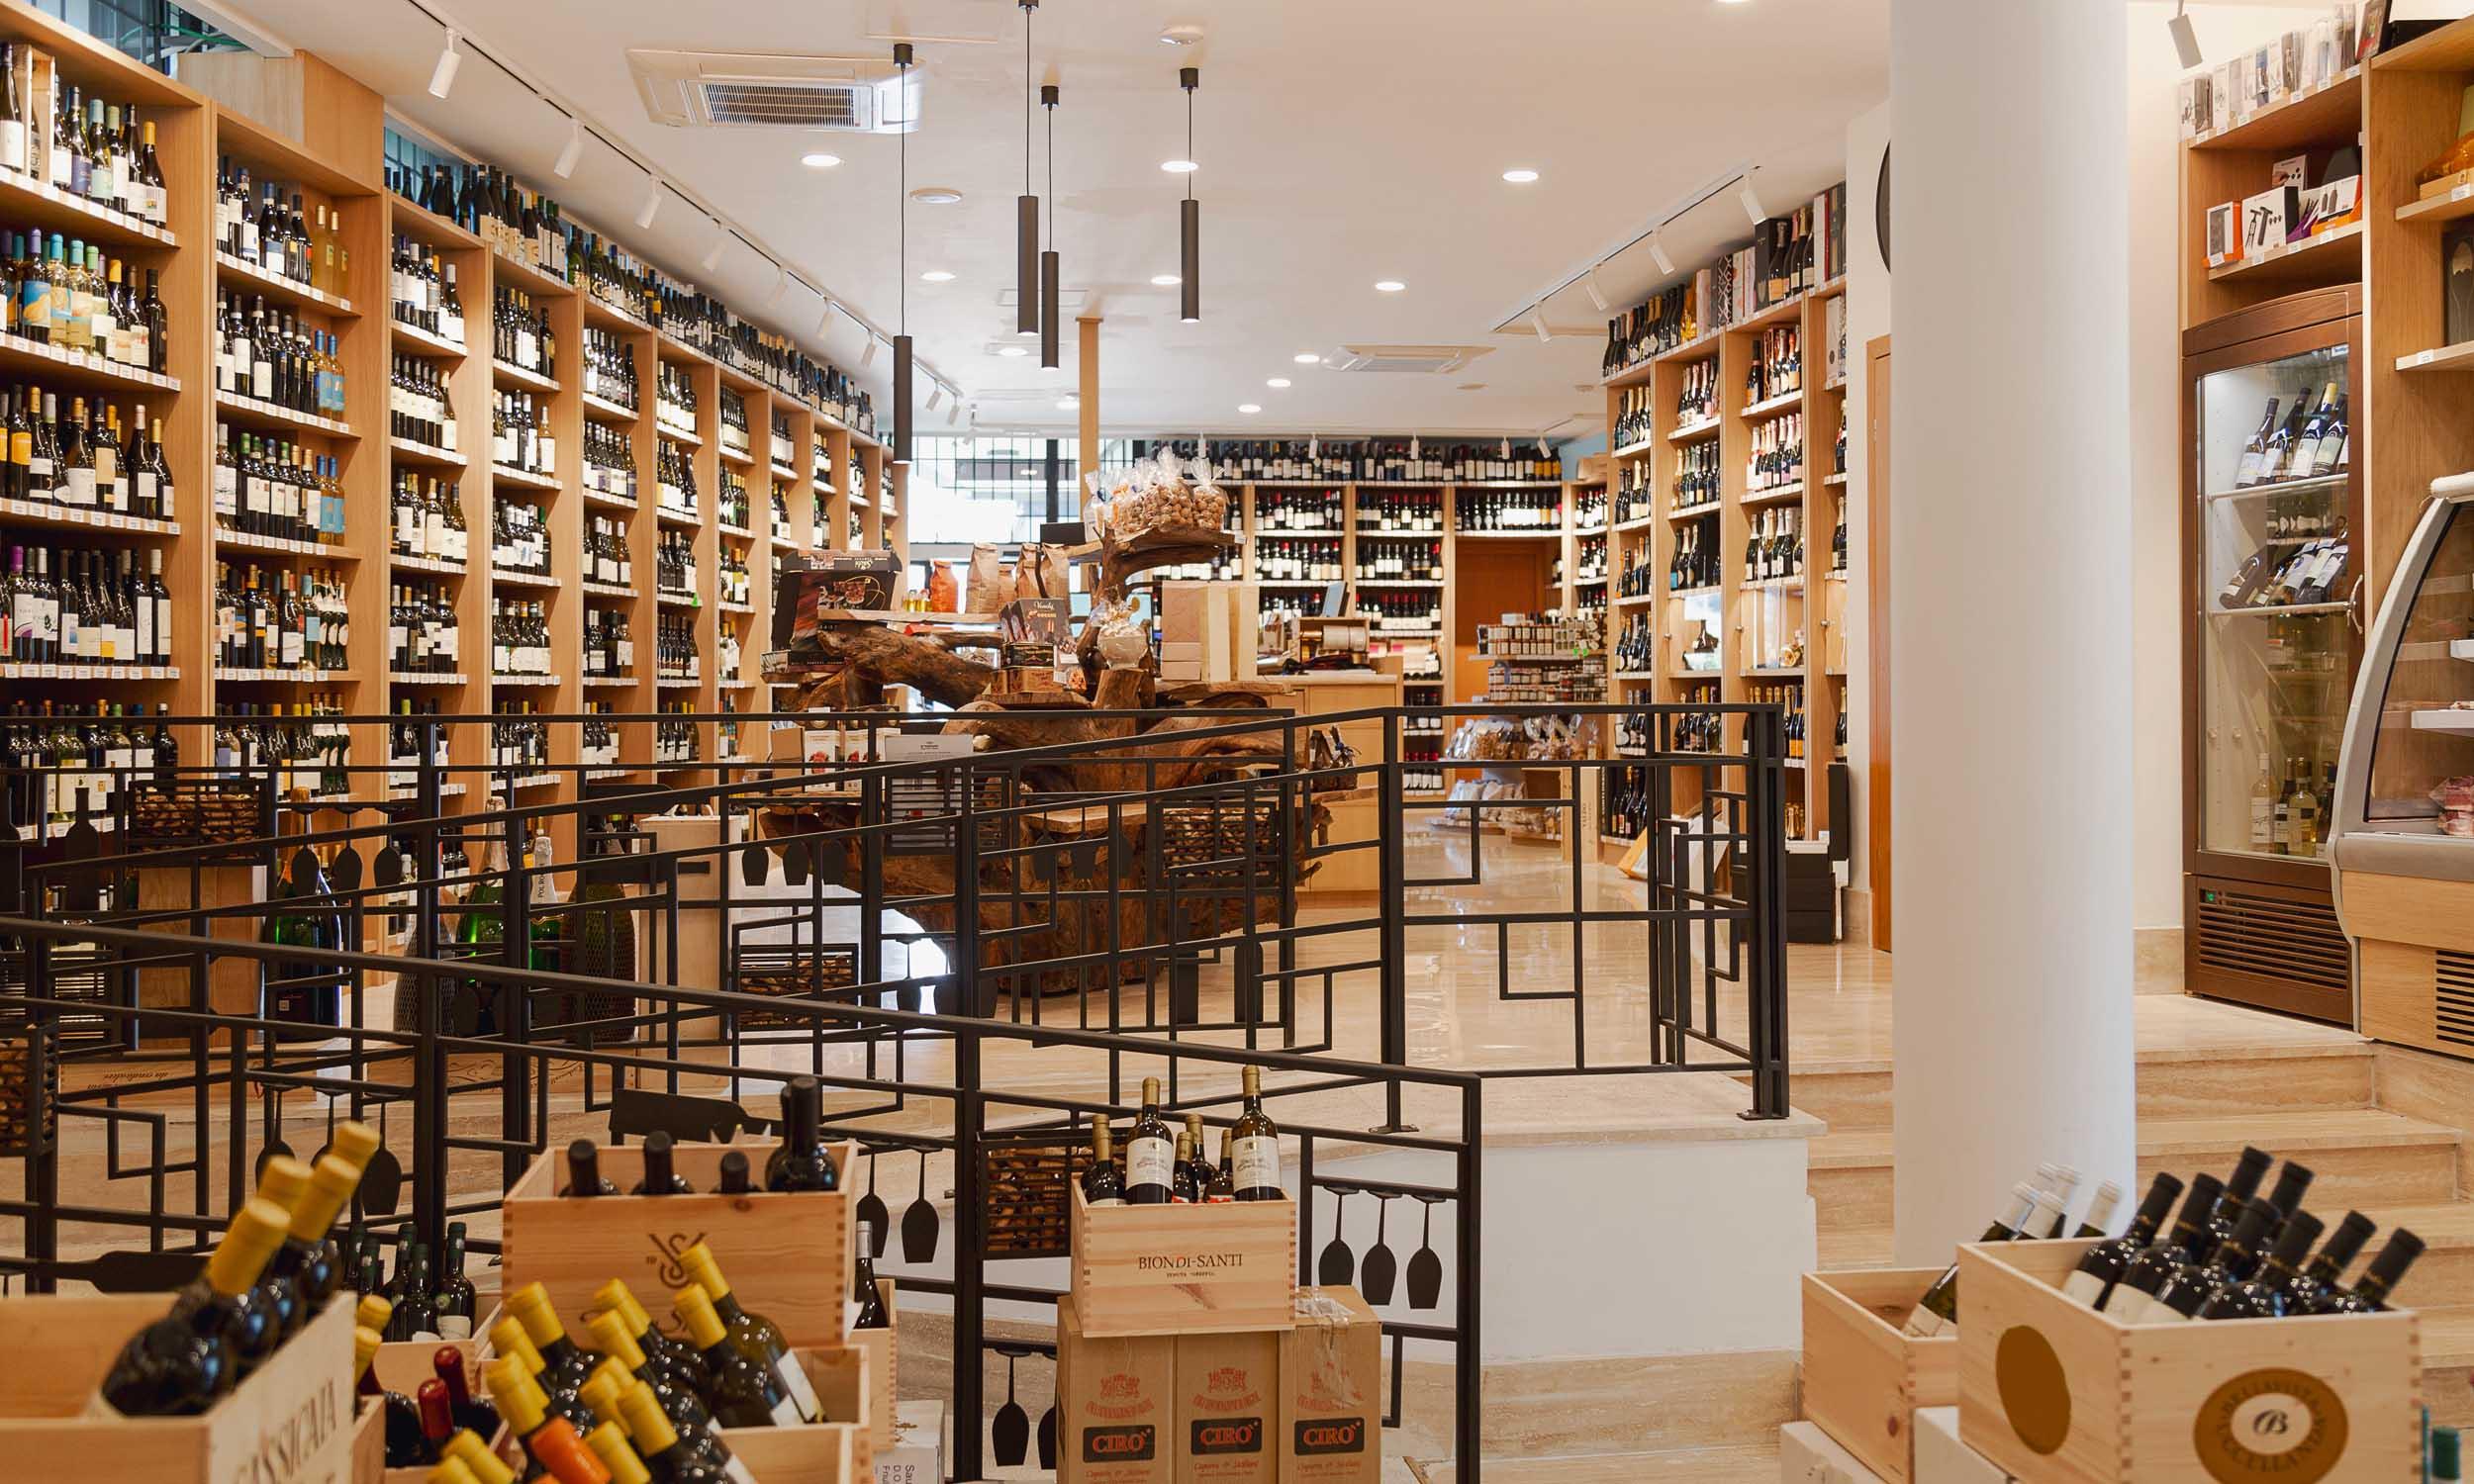 studio-architettura-interior-design-negozi-commerciale-retail-roma-fad-fucine-forniti-6